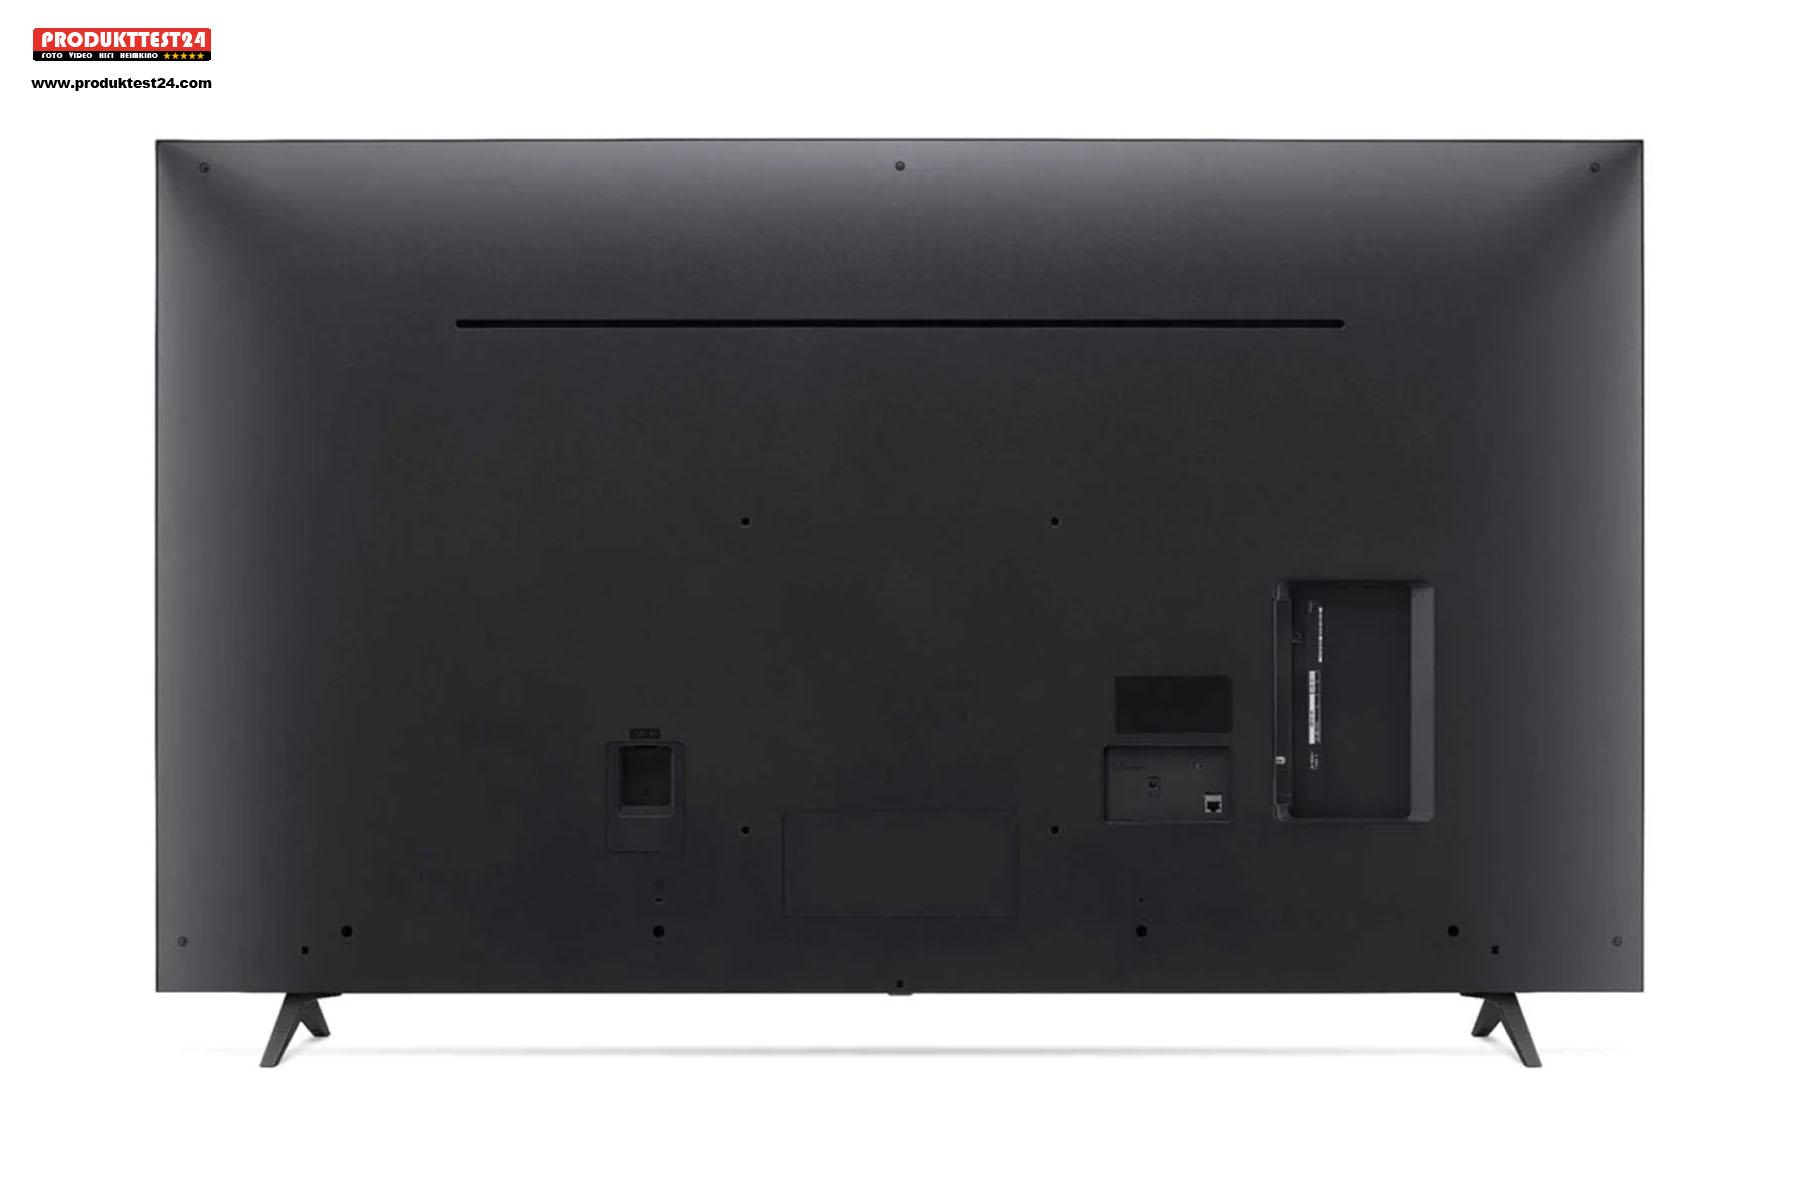 Die Rückseite des LG 55UP7709LB ist schlicht gehalten. Die meisten Anschlüsse sind von der Seite zugänglich.